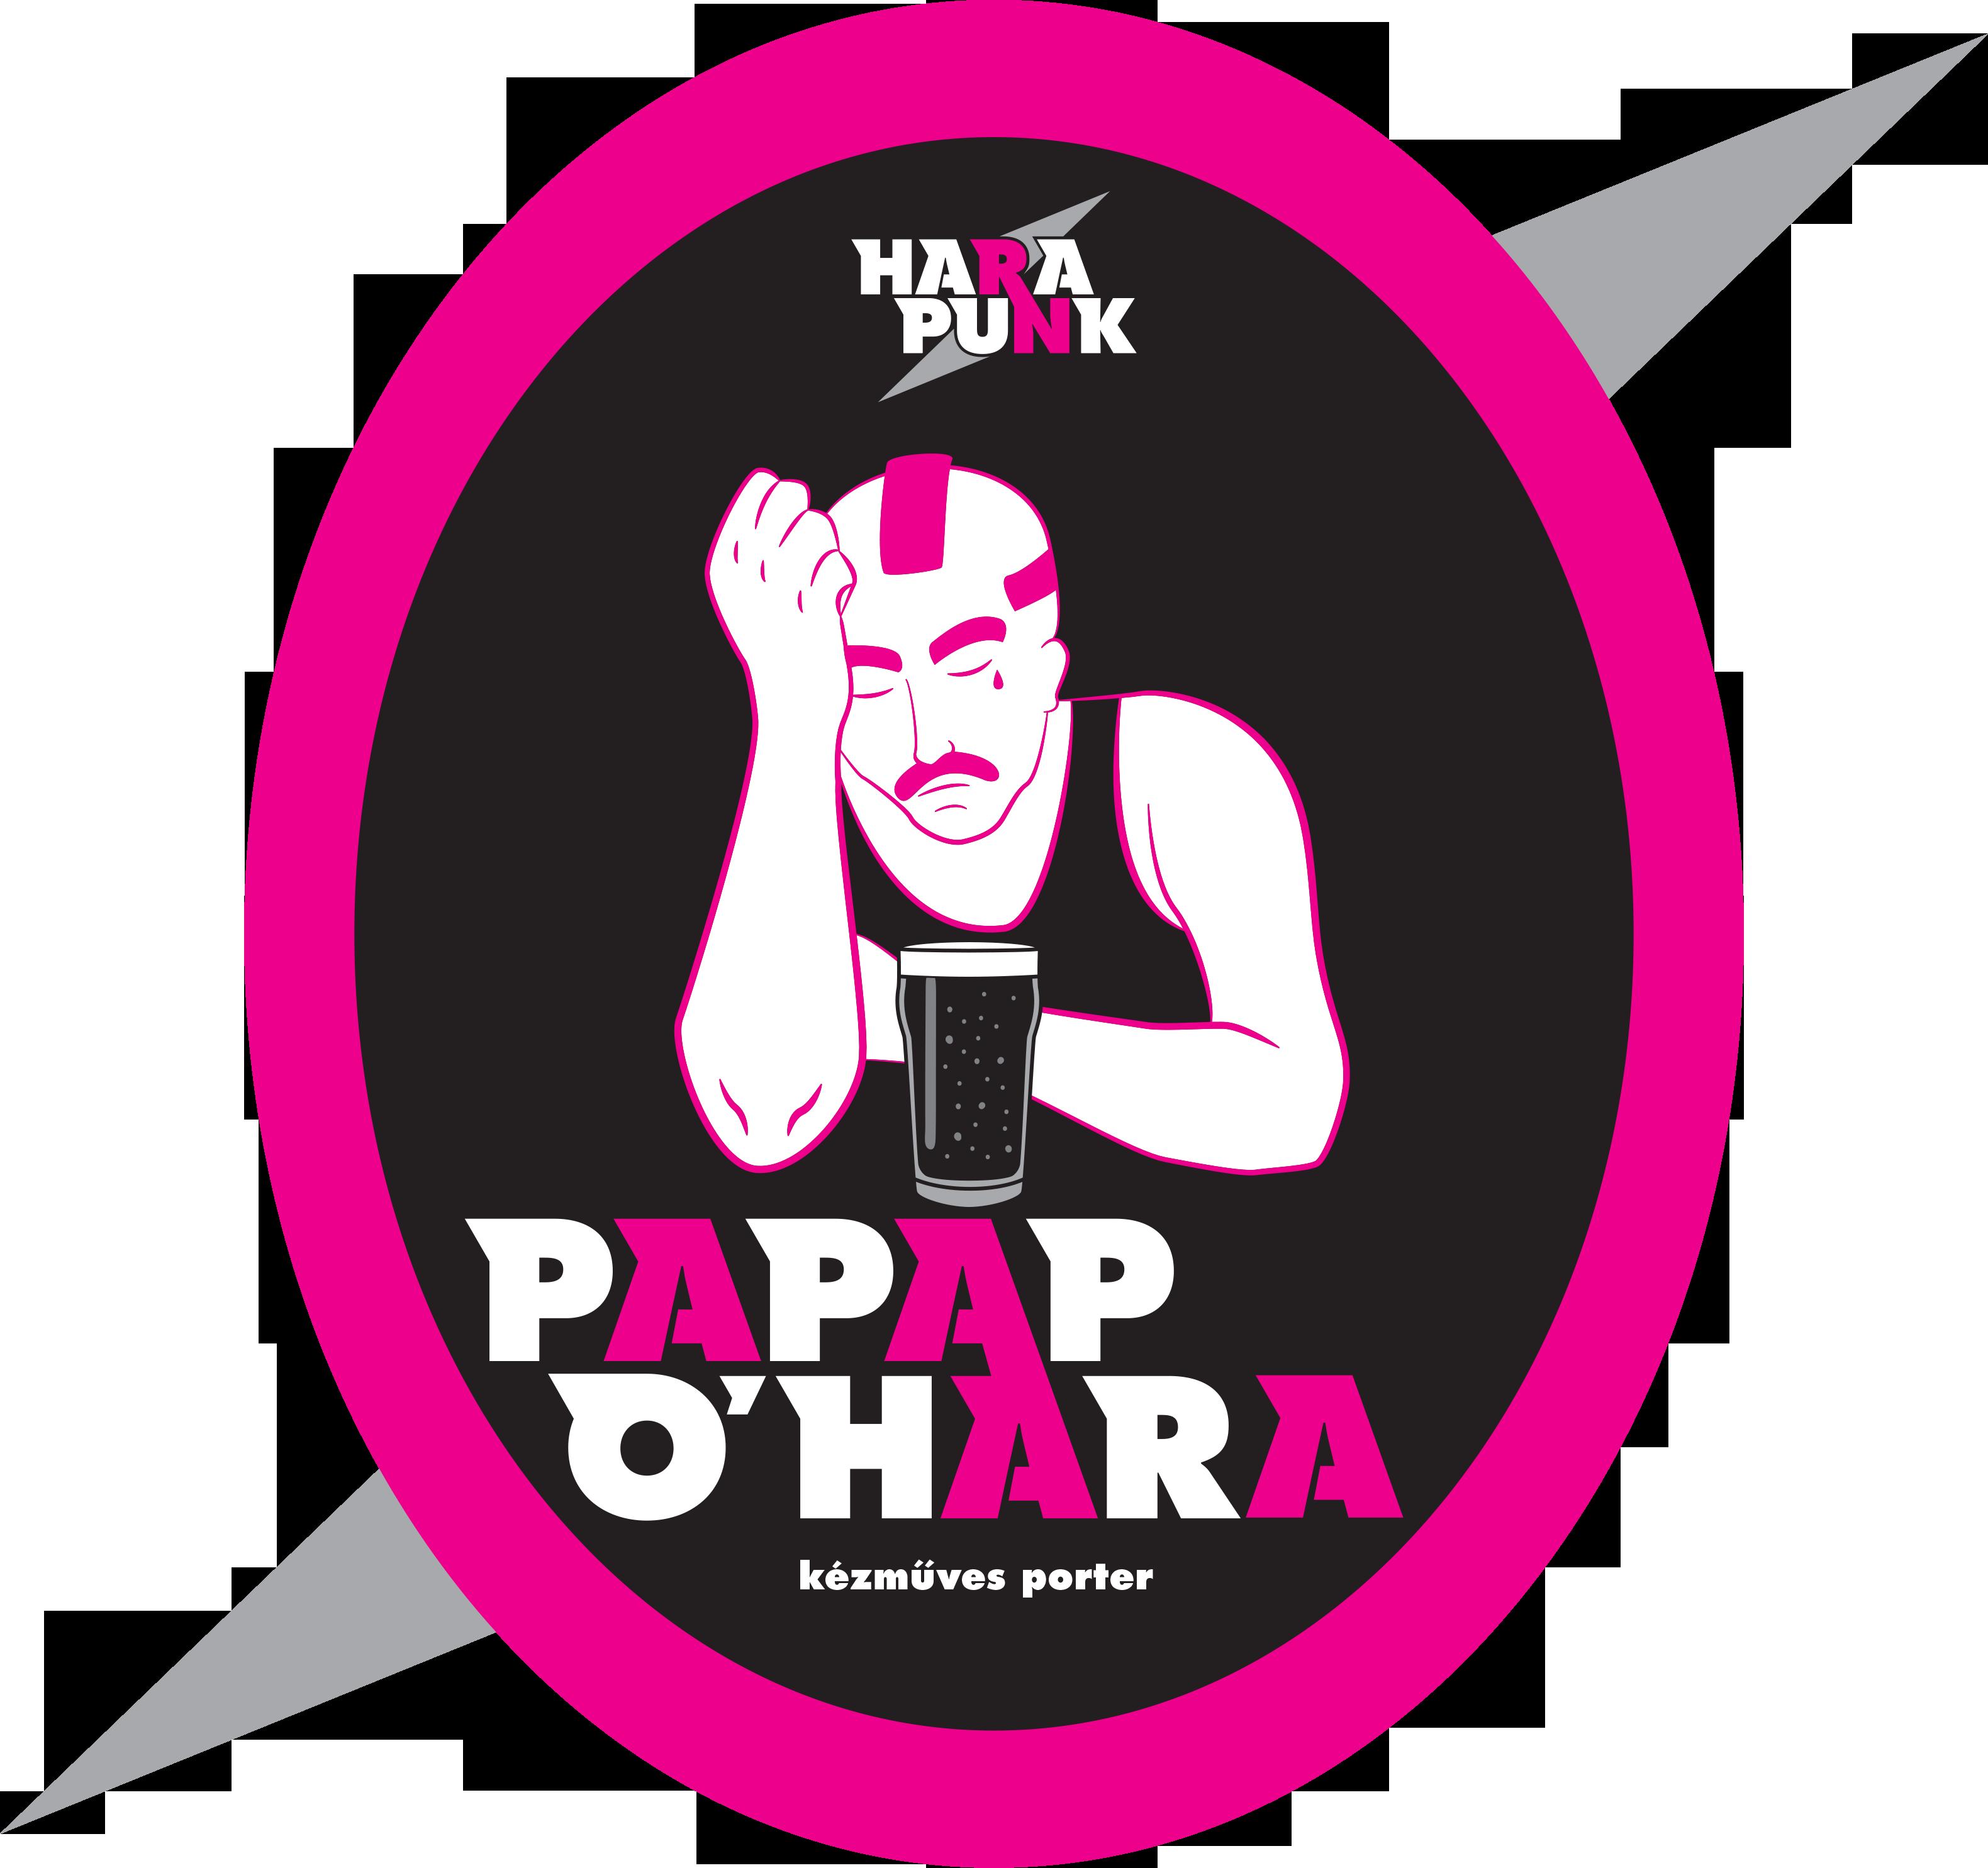 papapohara_cimke_1.png